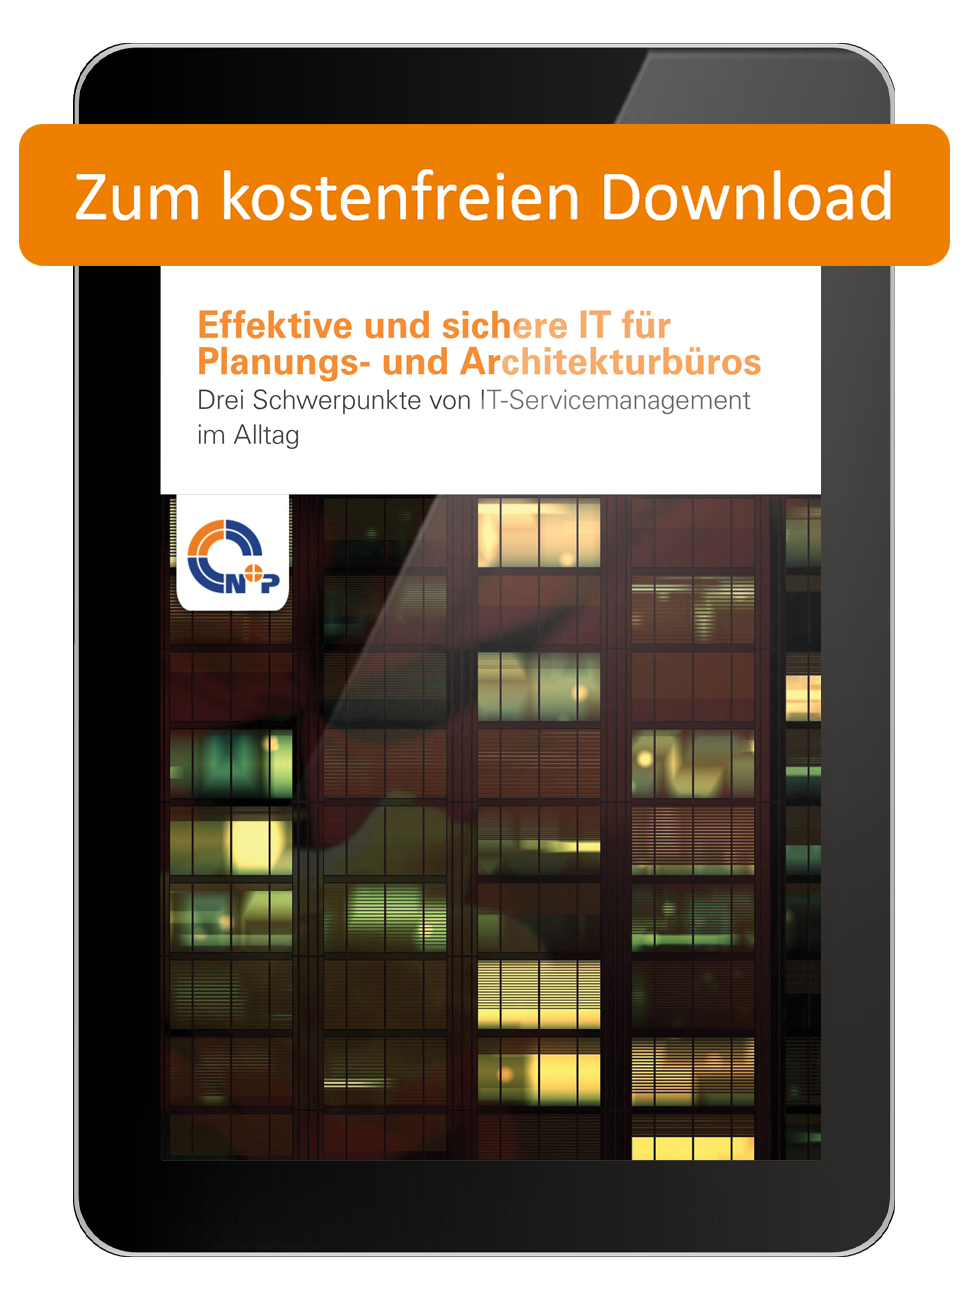 ITSM | Download-Whitepaper_Effektive-IT